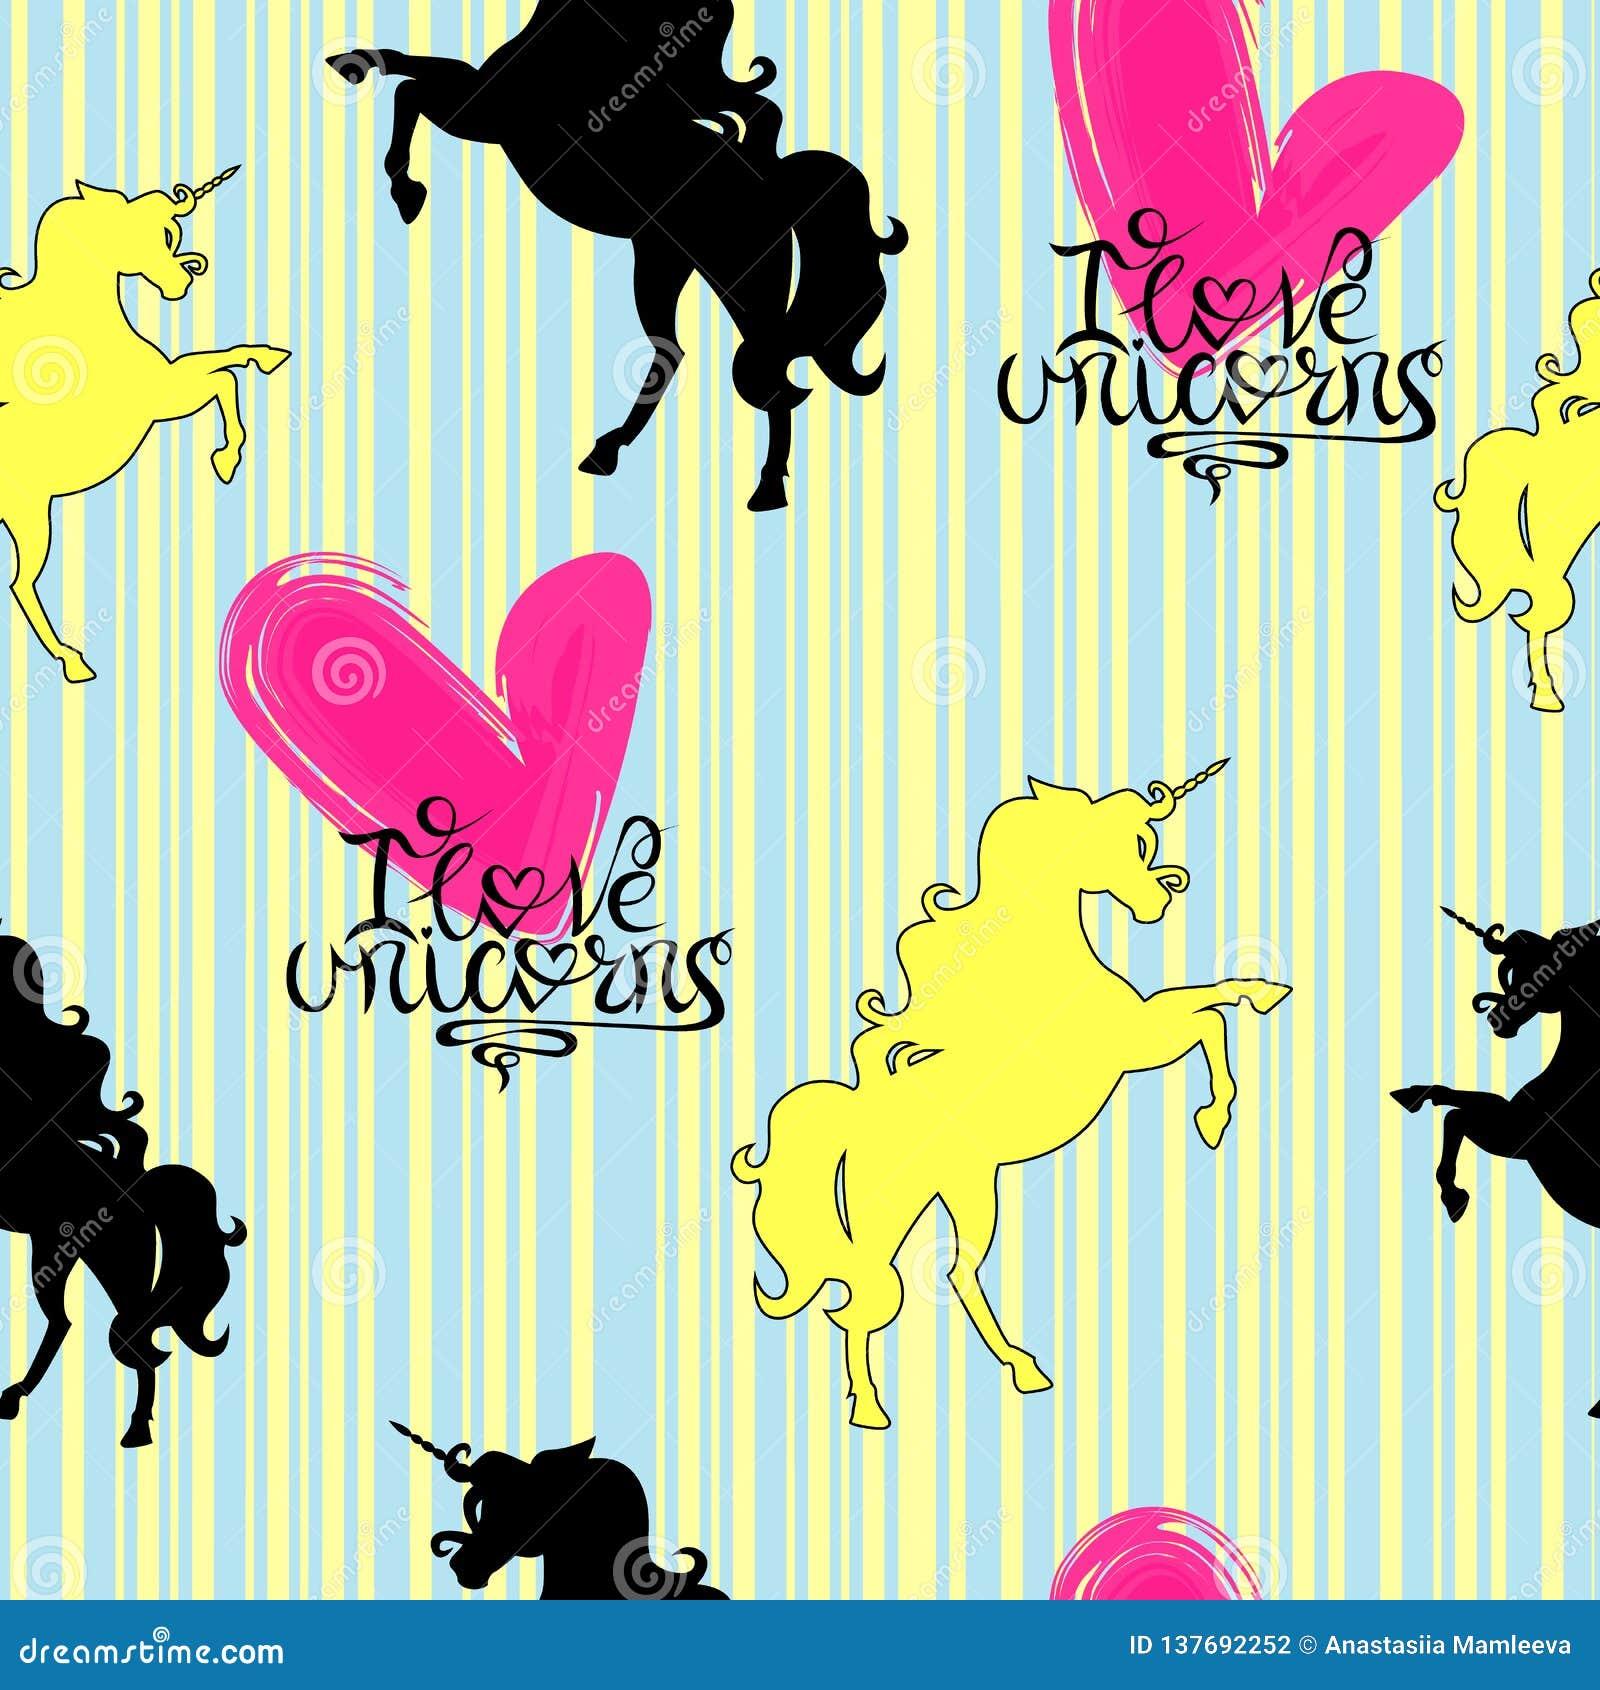 Siluetas de los unicornios amarillos y negros con poner letras en un modelo inconsútil del fondo rayado